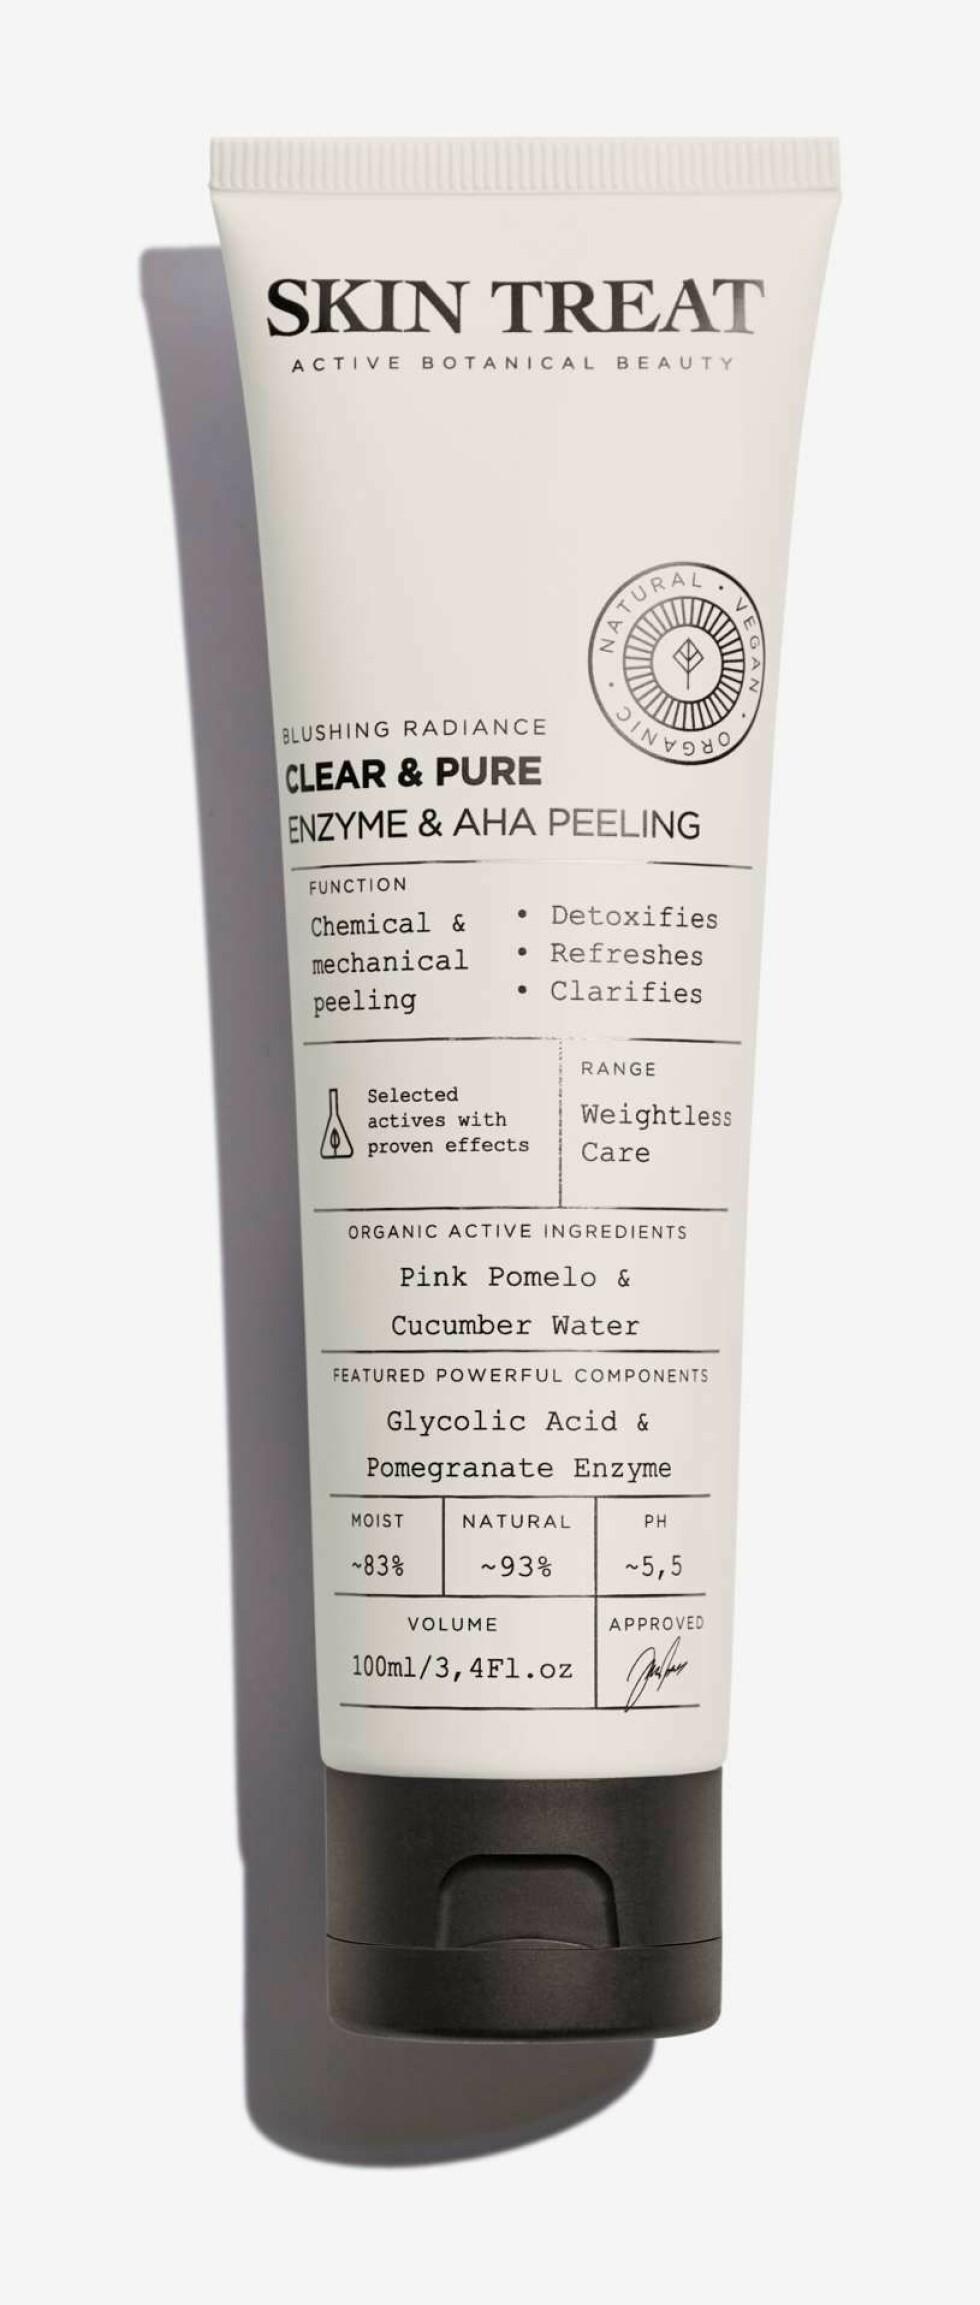 Dyprenser fra Skin Treat |119,-|https://www.kicks.no/hudpleie/kroppspleie/skrubb-peeling/skin-treat-clear-pure-enzym-skin-treat-clear-pure-enzym-peeling100-ml